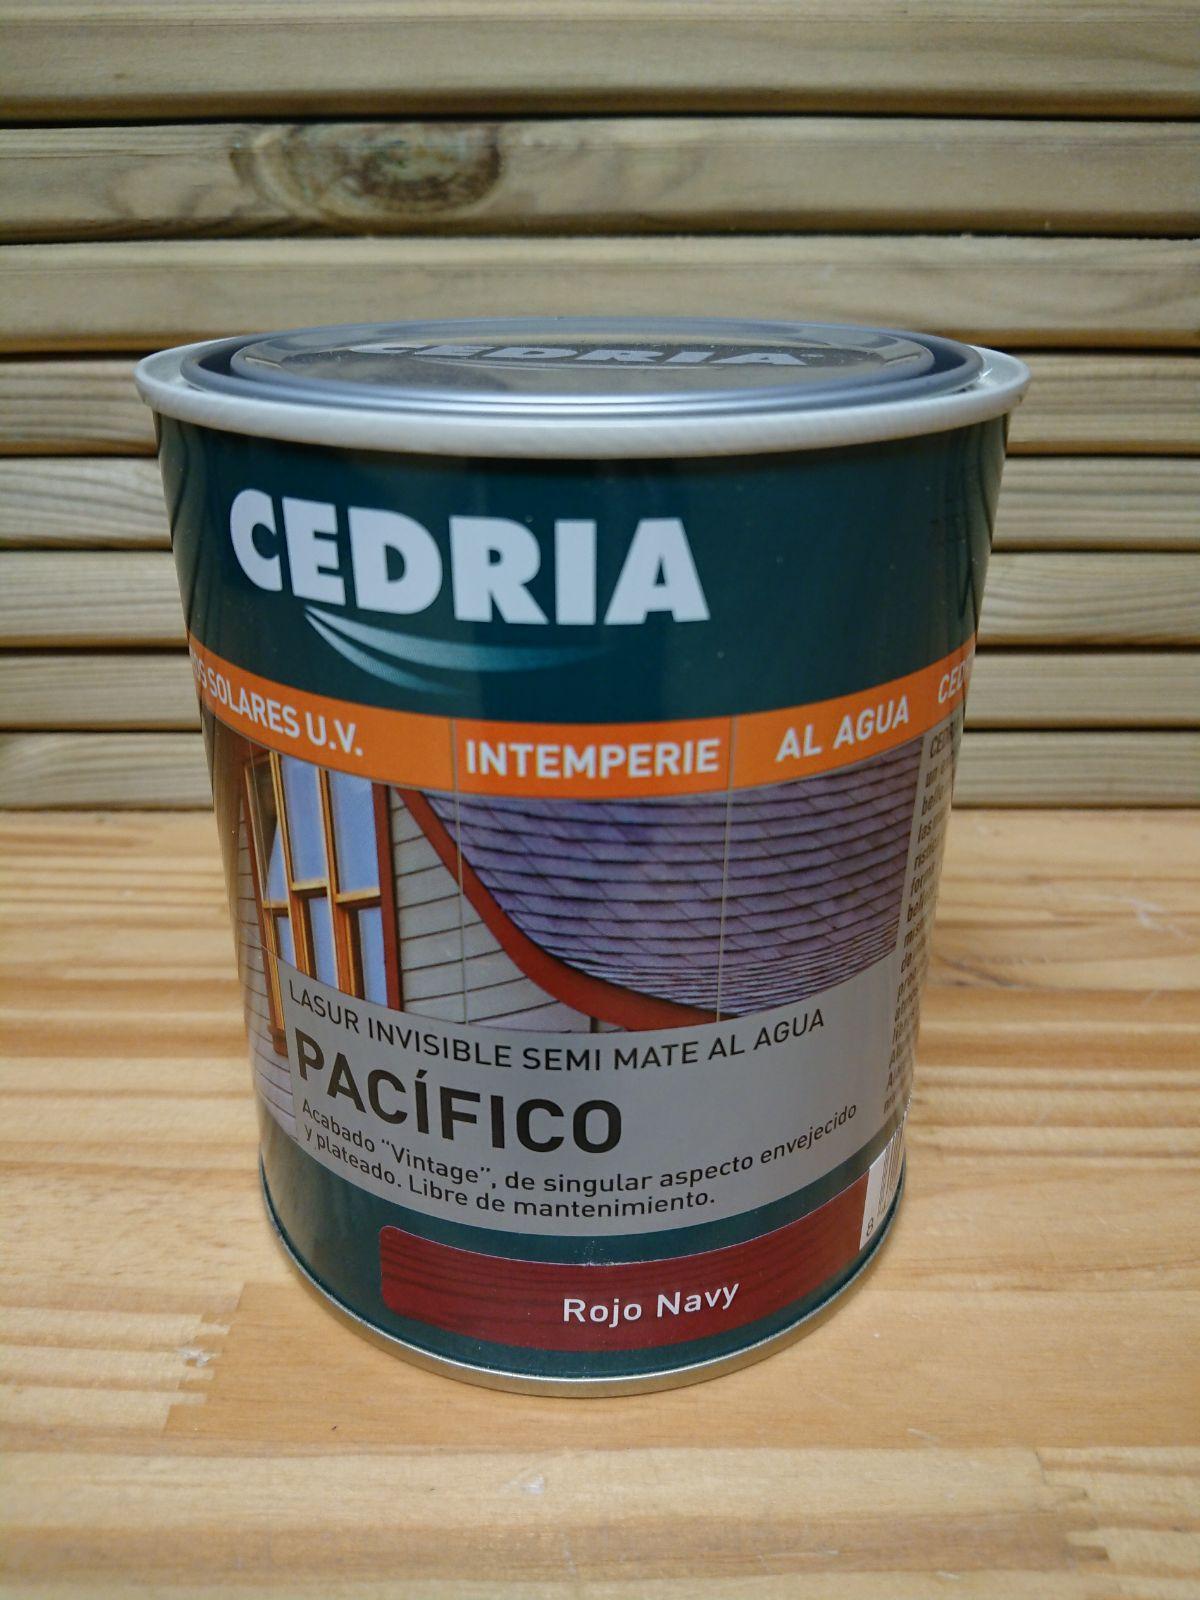 Cedria Lasur Pacifico Rojo Navy